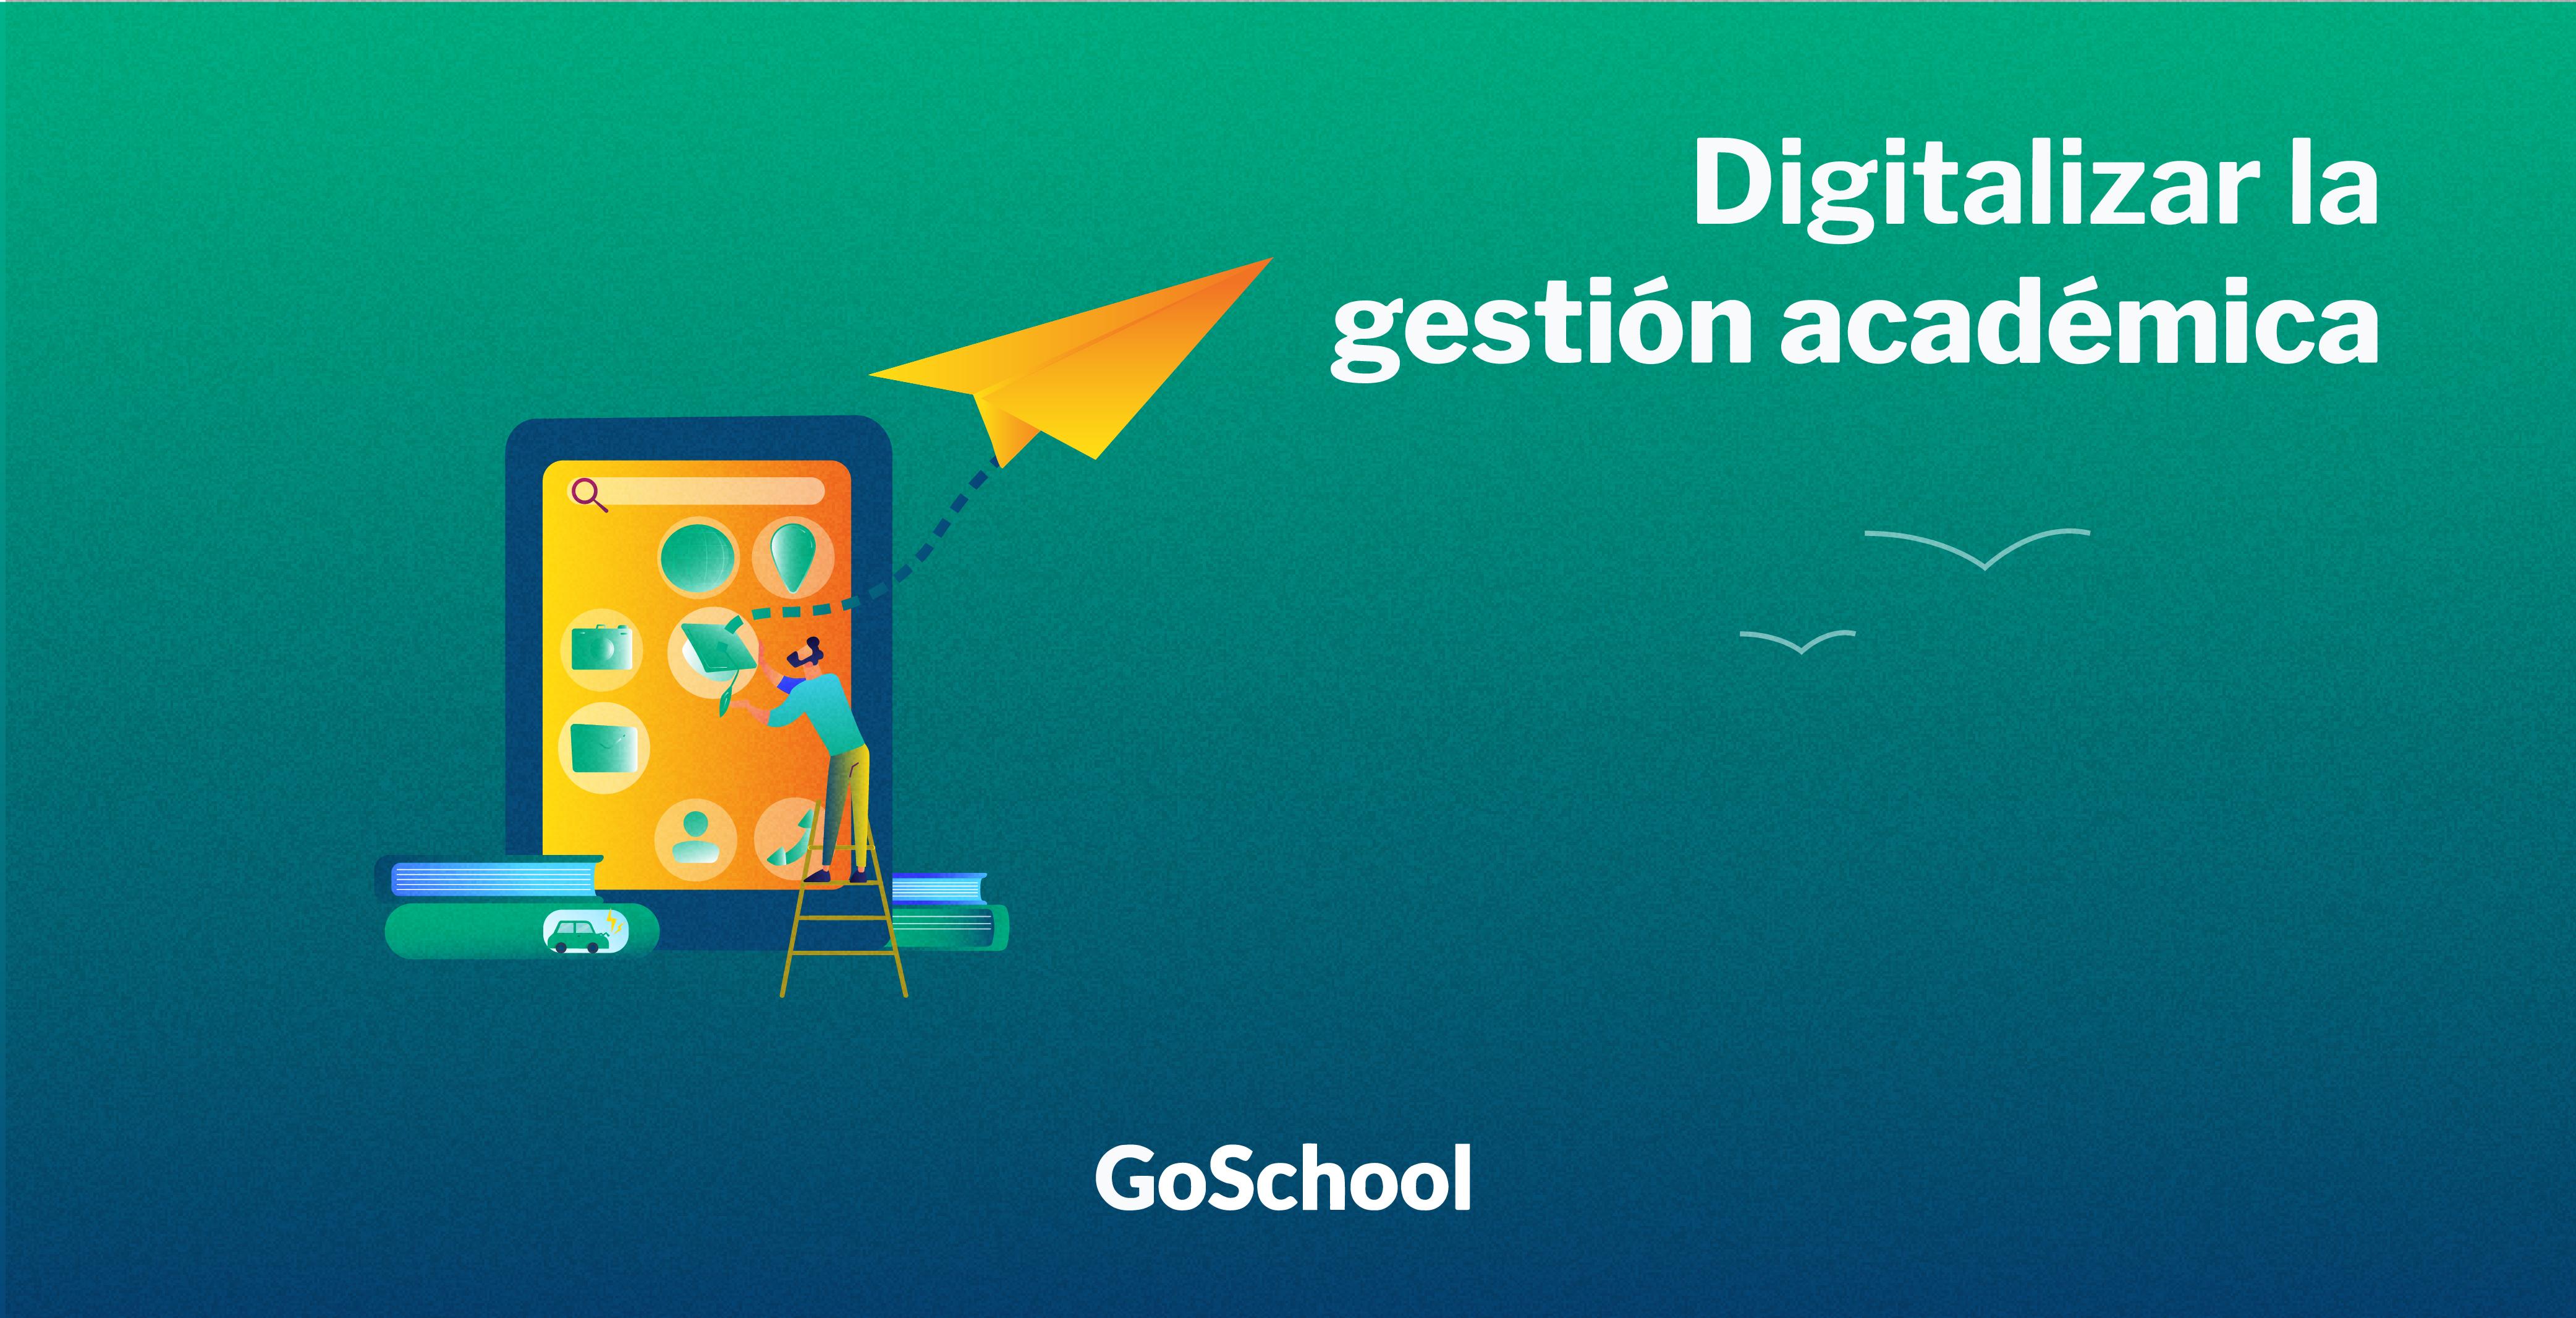 Digitalizar la gestión académica: cómo volar en lugar de andar